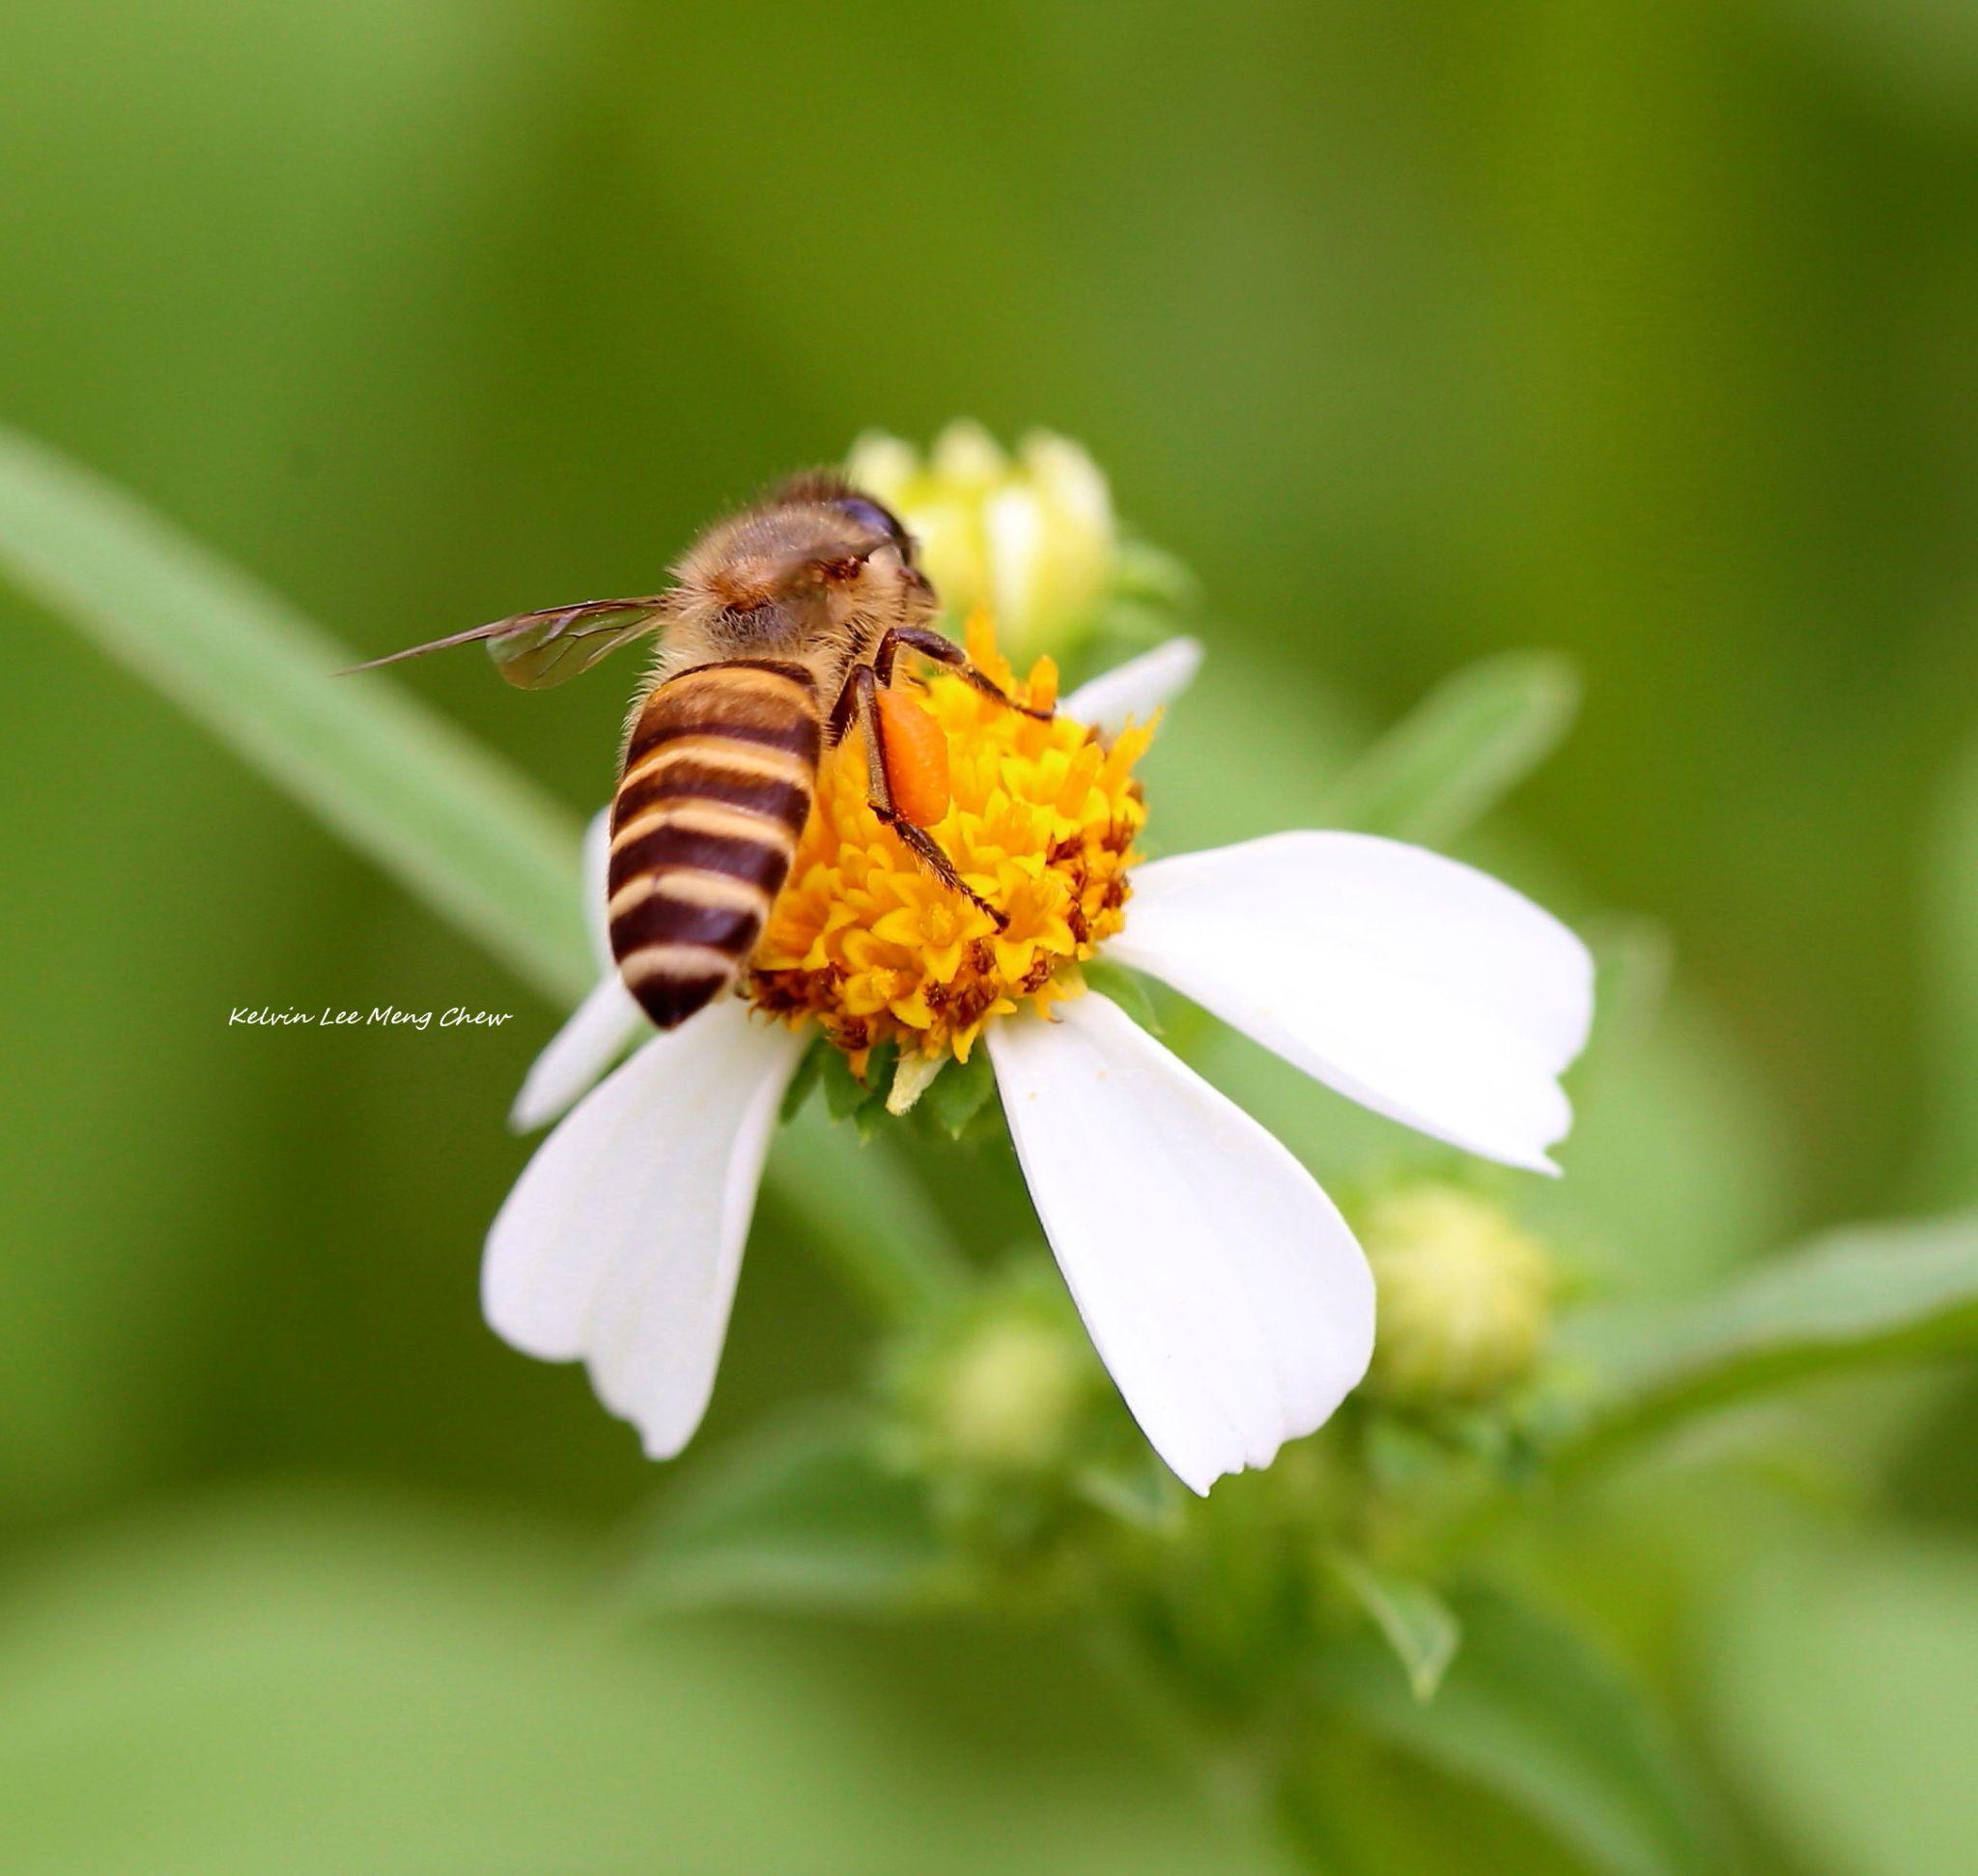 Bee 2 by Kelvin Lee